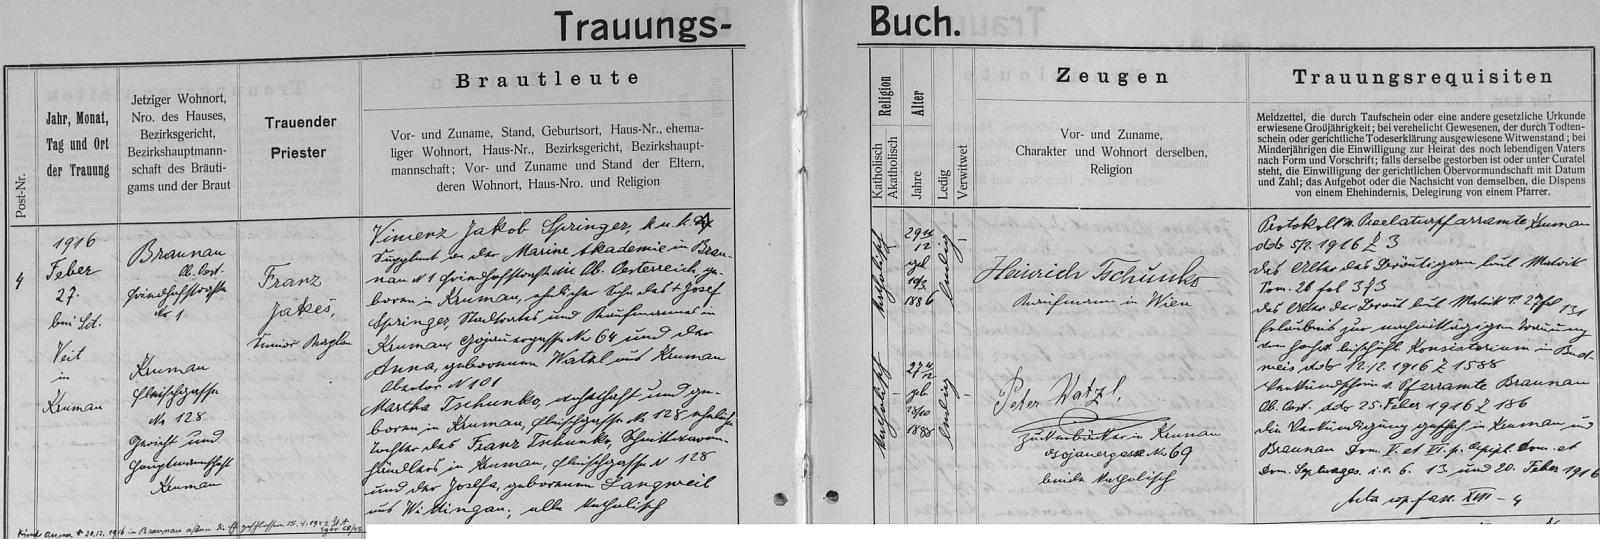 Záznam českokrumlovské oddací matriky o zdejší svatbě jejích rodičů